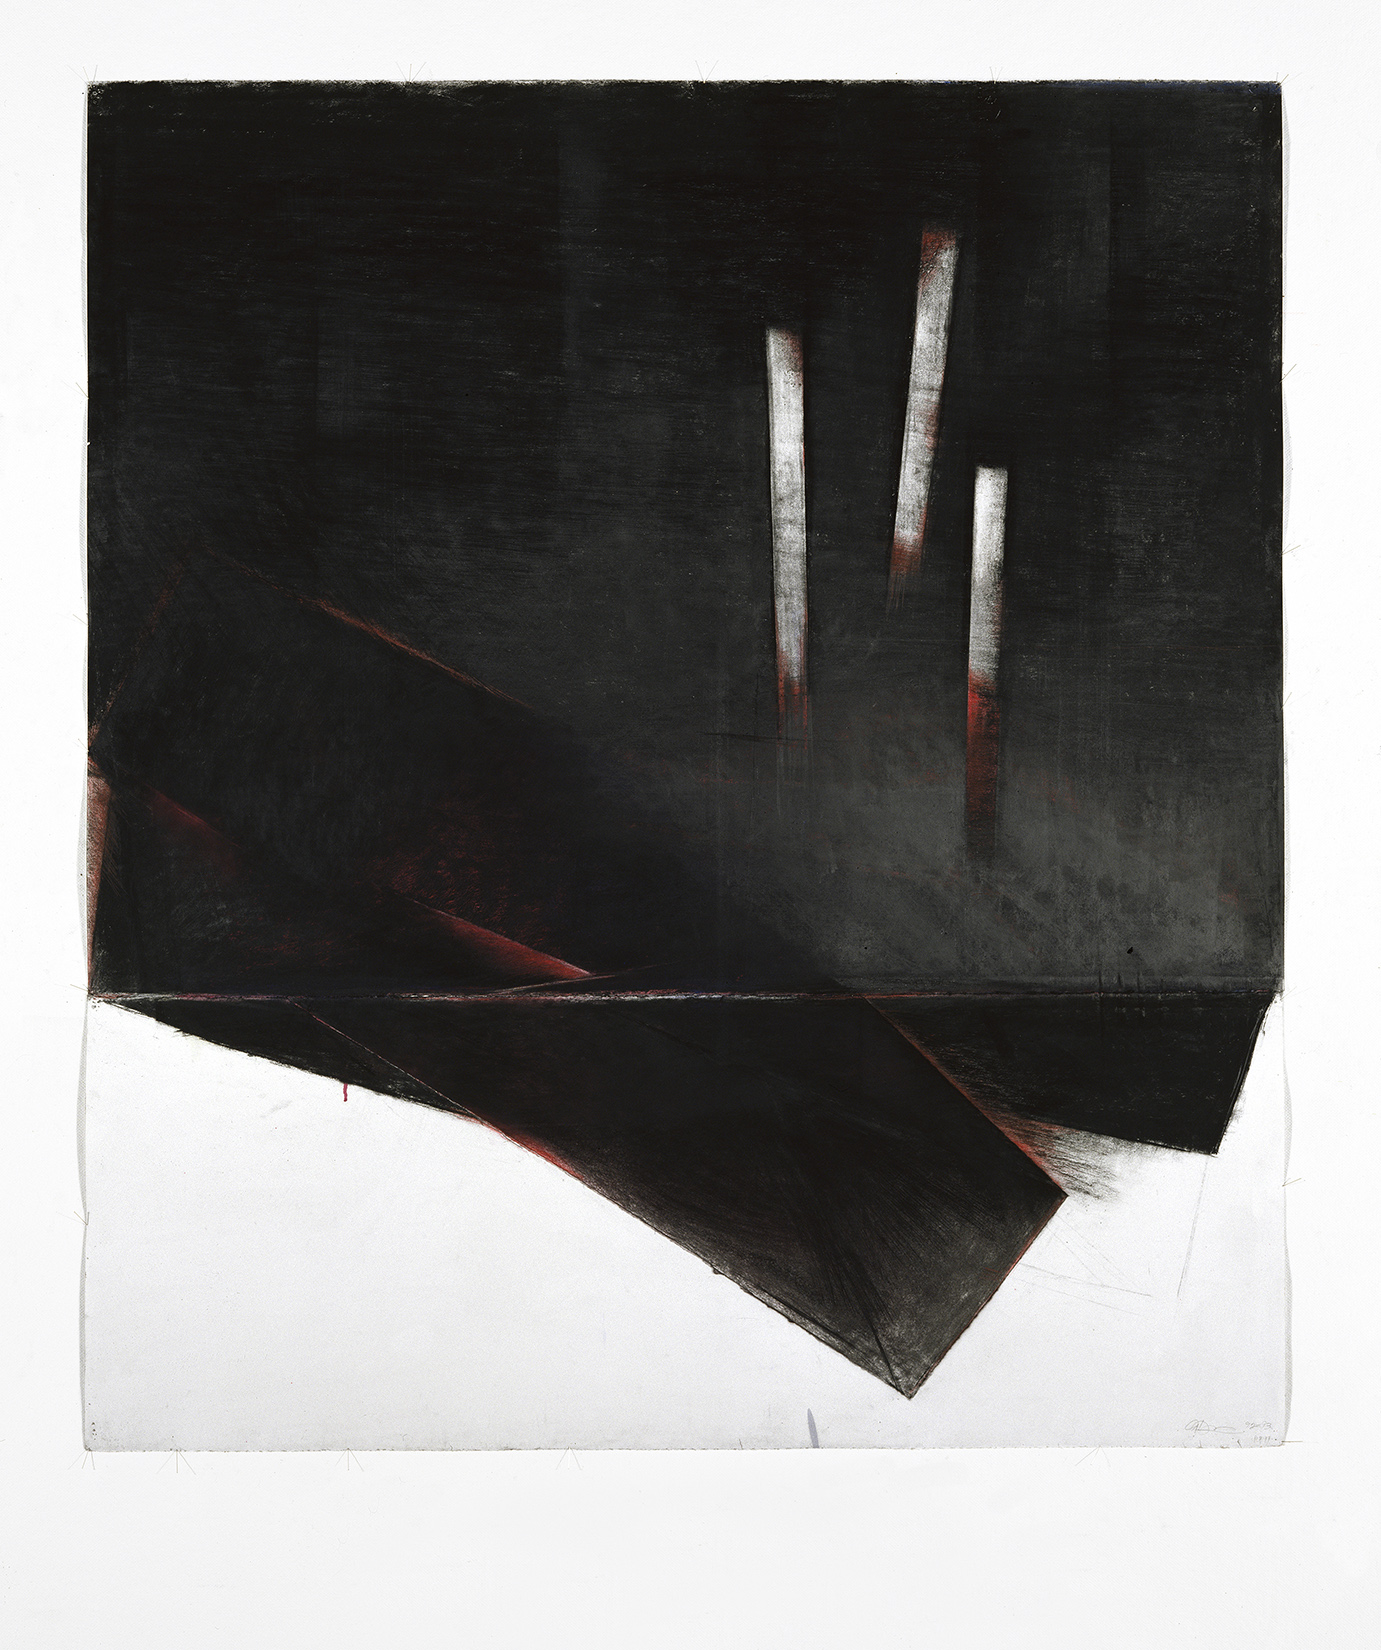 Sans titre  (1997)   Techniques mixes et papier collé sur papier Stonehenge, 128.4 x 145 cm, collection de l'artiste. photo : Richard-Max Tremblay